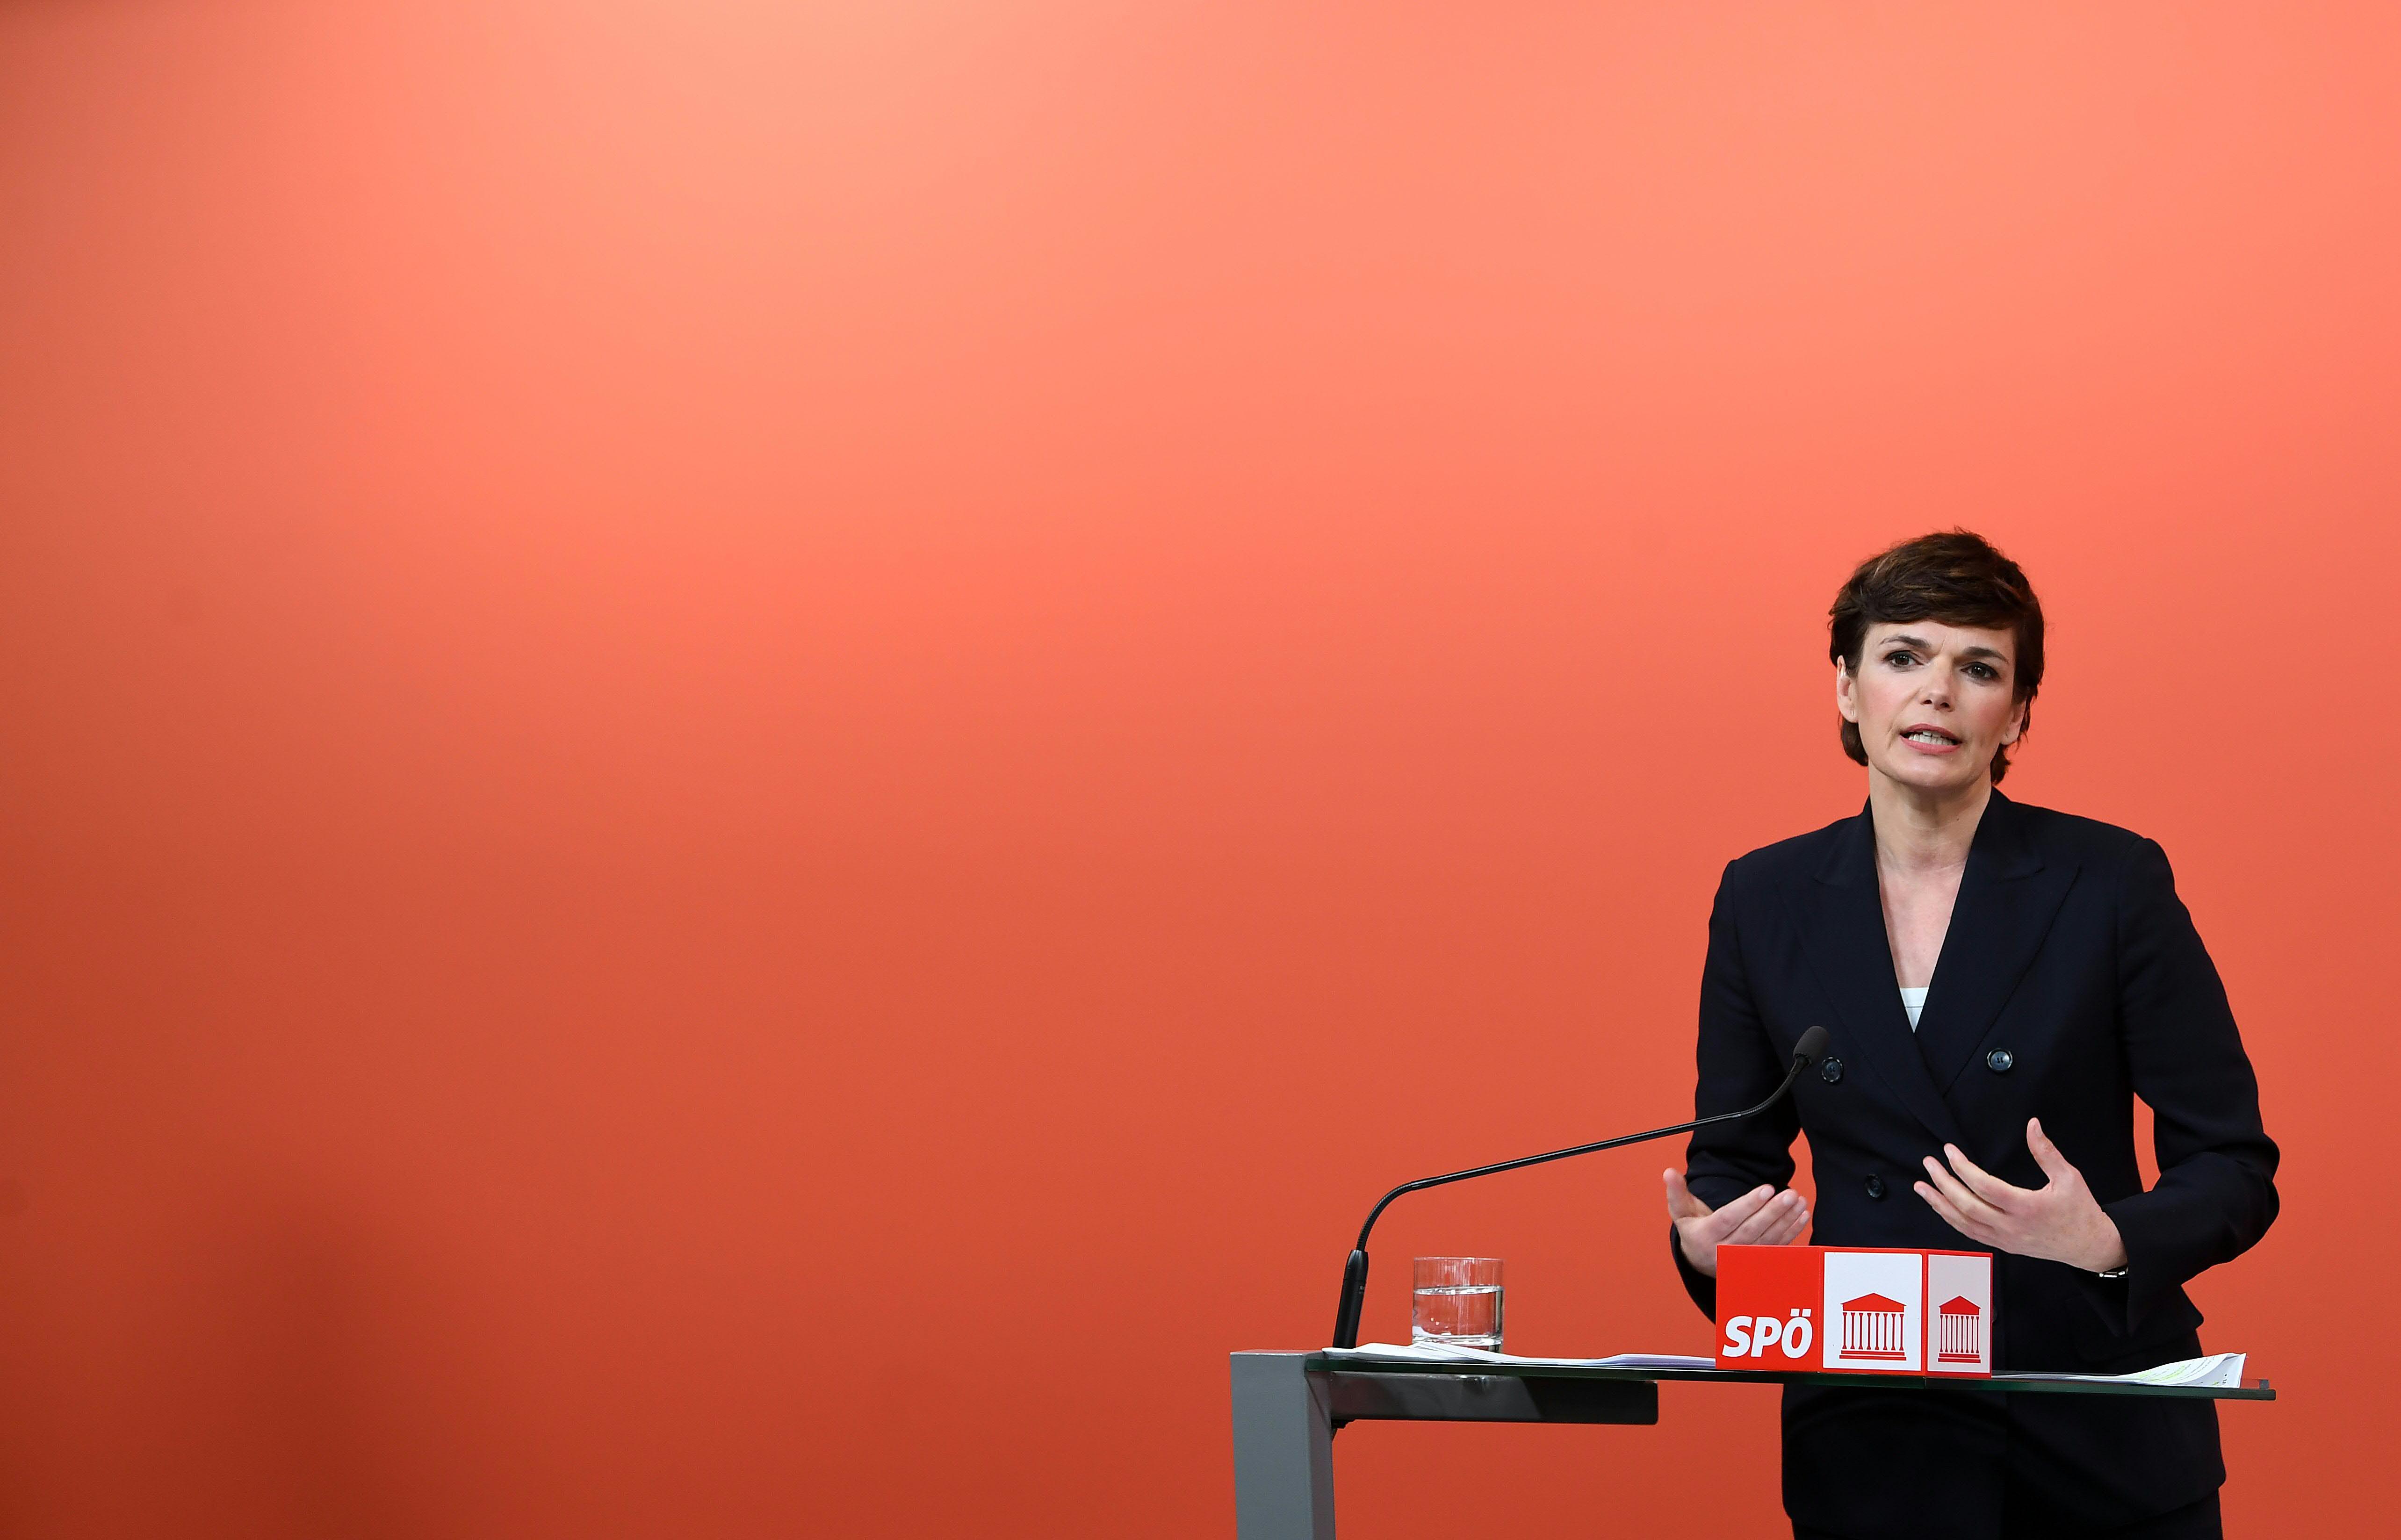 SPÖ im Covid-Zwist: Wie handelt der neue Gesundheitsminister?